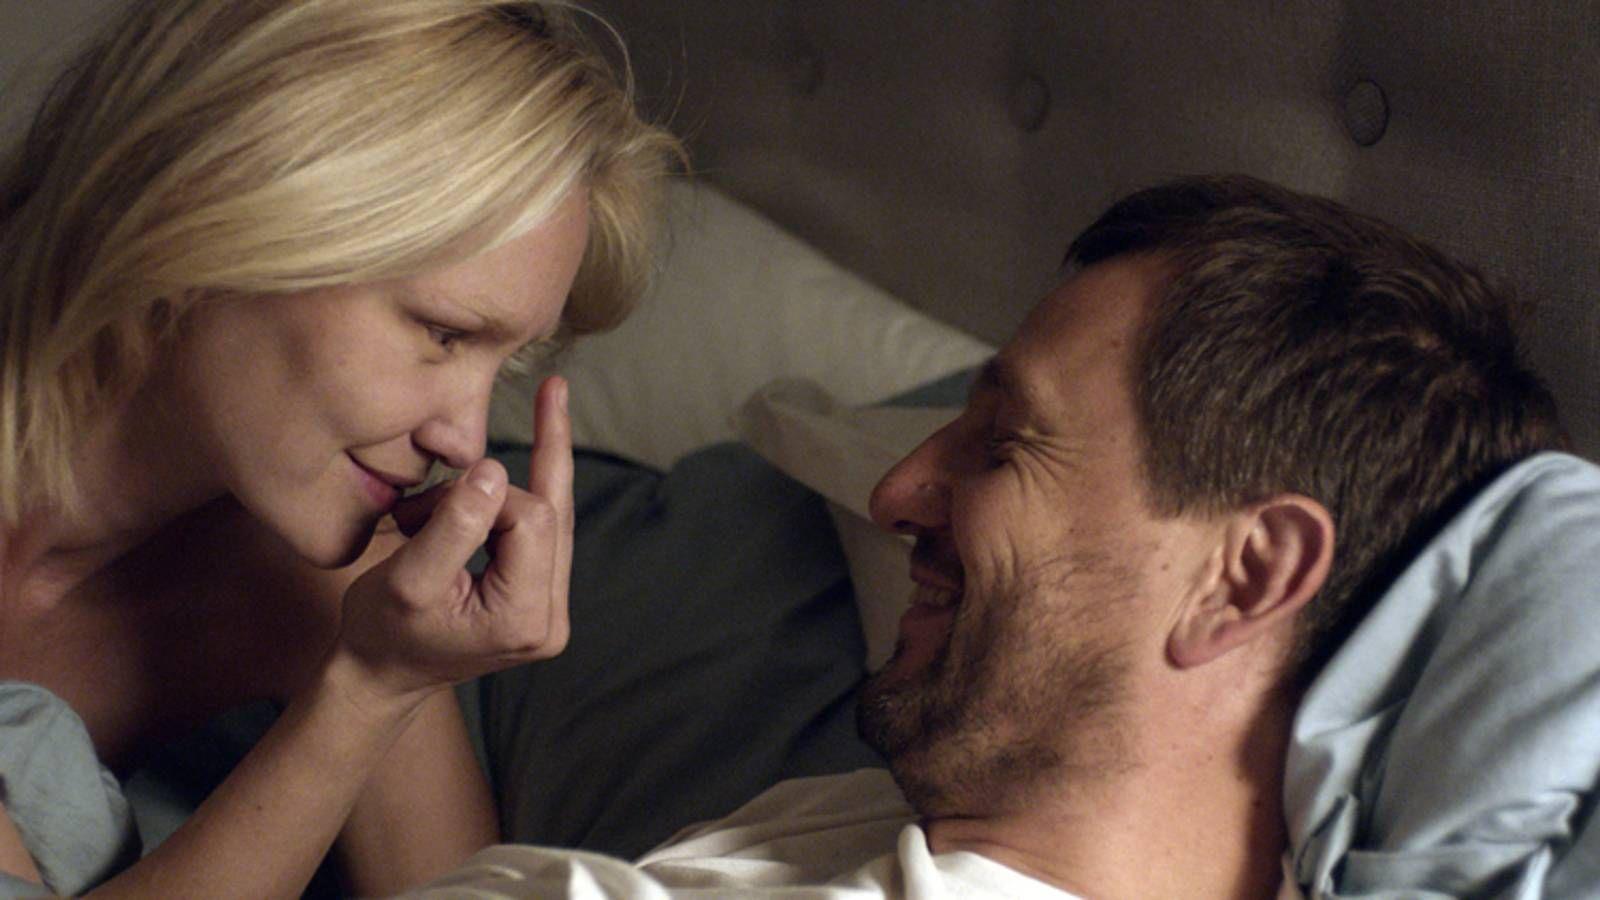 NORSK LEKENHET: Ellen Dorrit Petersen og Henrik Rafaelsen spiller ekteparet Ingrid og Morten i Eskil Vogts regidebut.